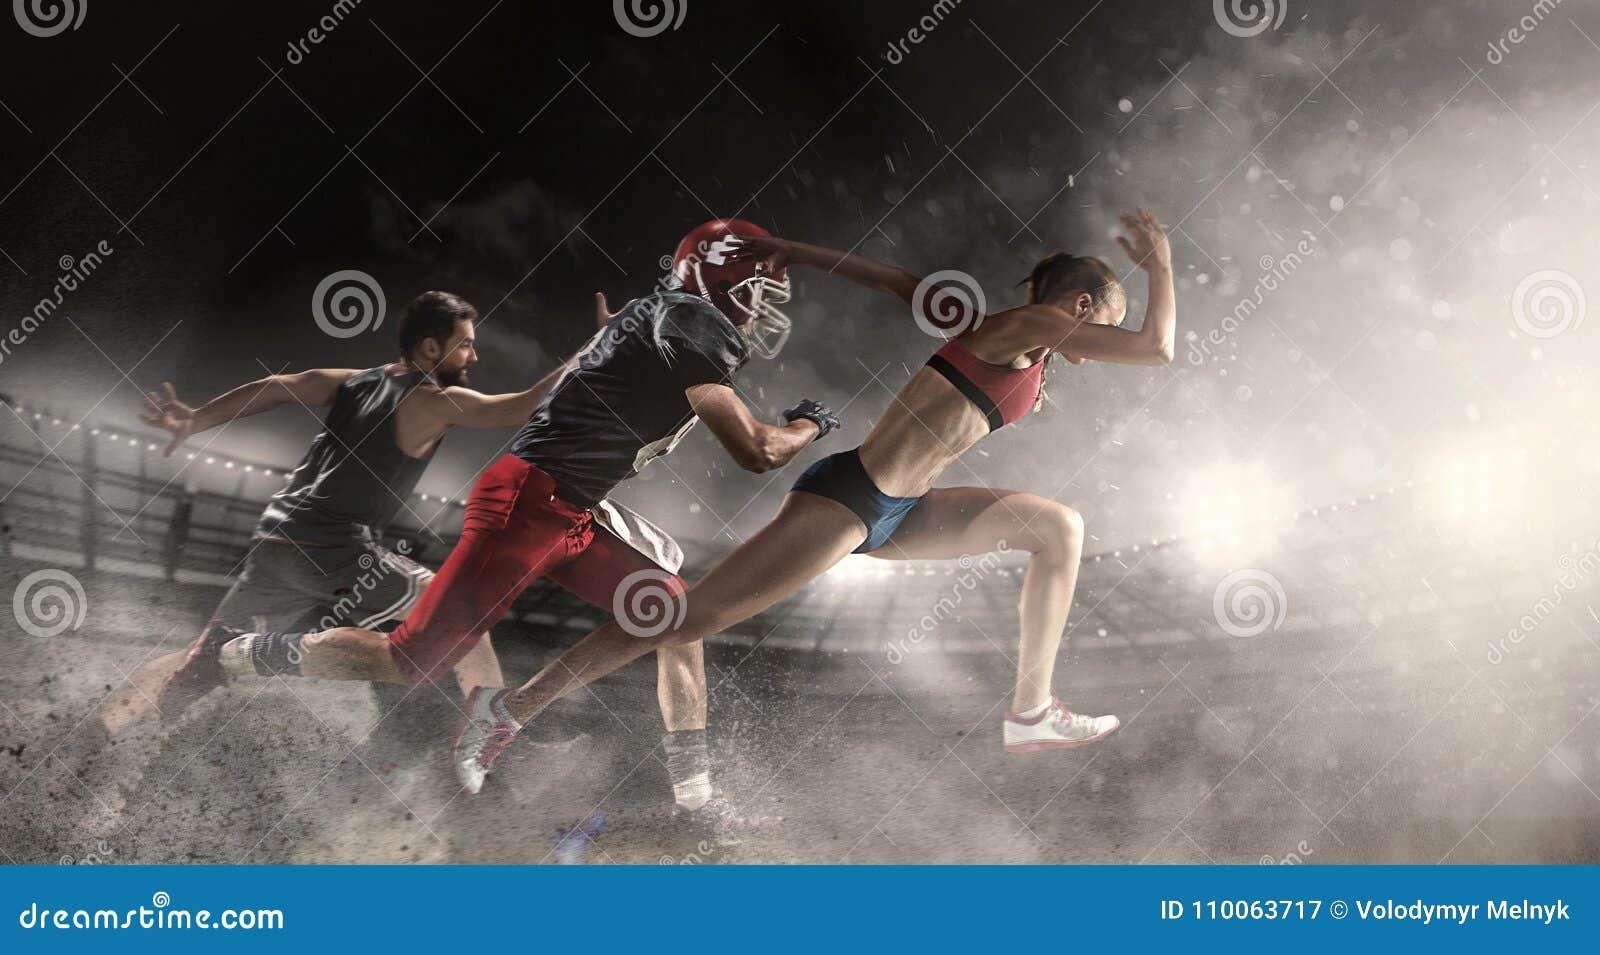 Collage multi de los deportes sobre baloncesto, jugadores de fútbol americano y mujer corriente apta